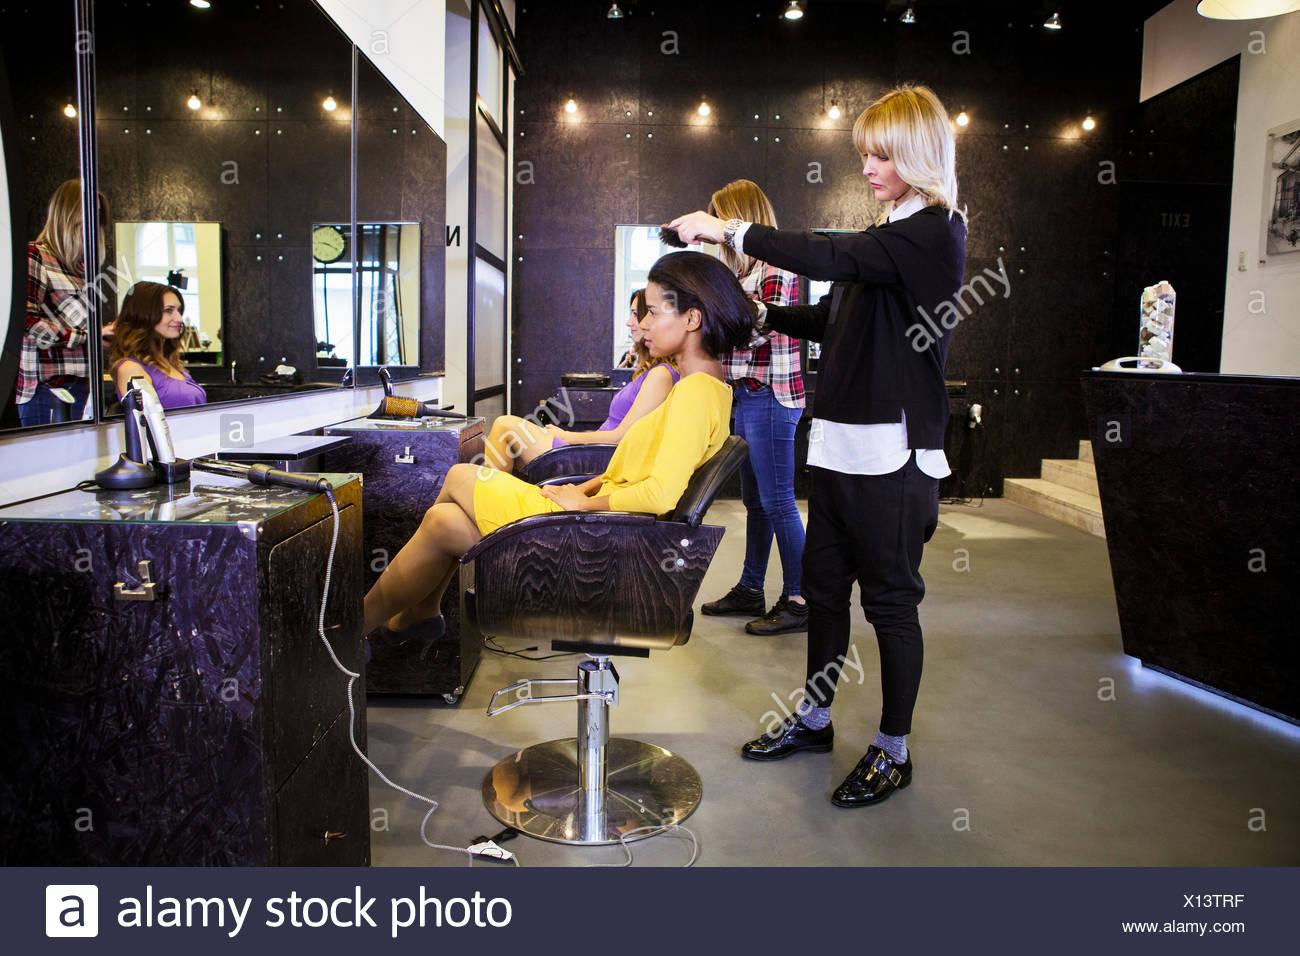 Hairdresser brushing customer's hair in hair salon - Stock Image